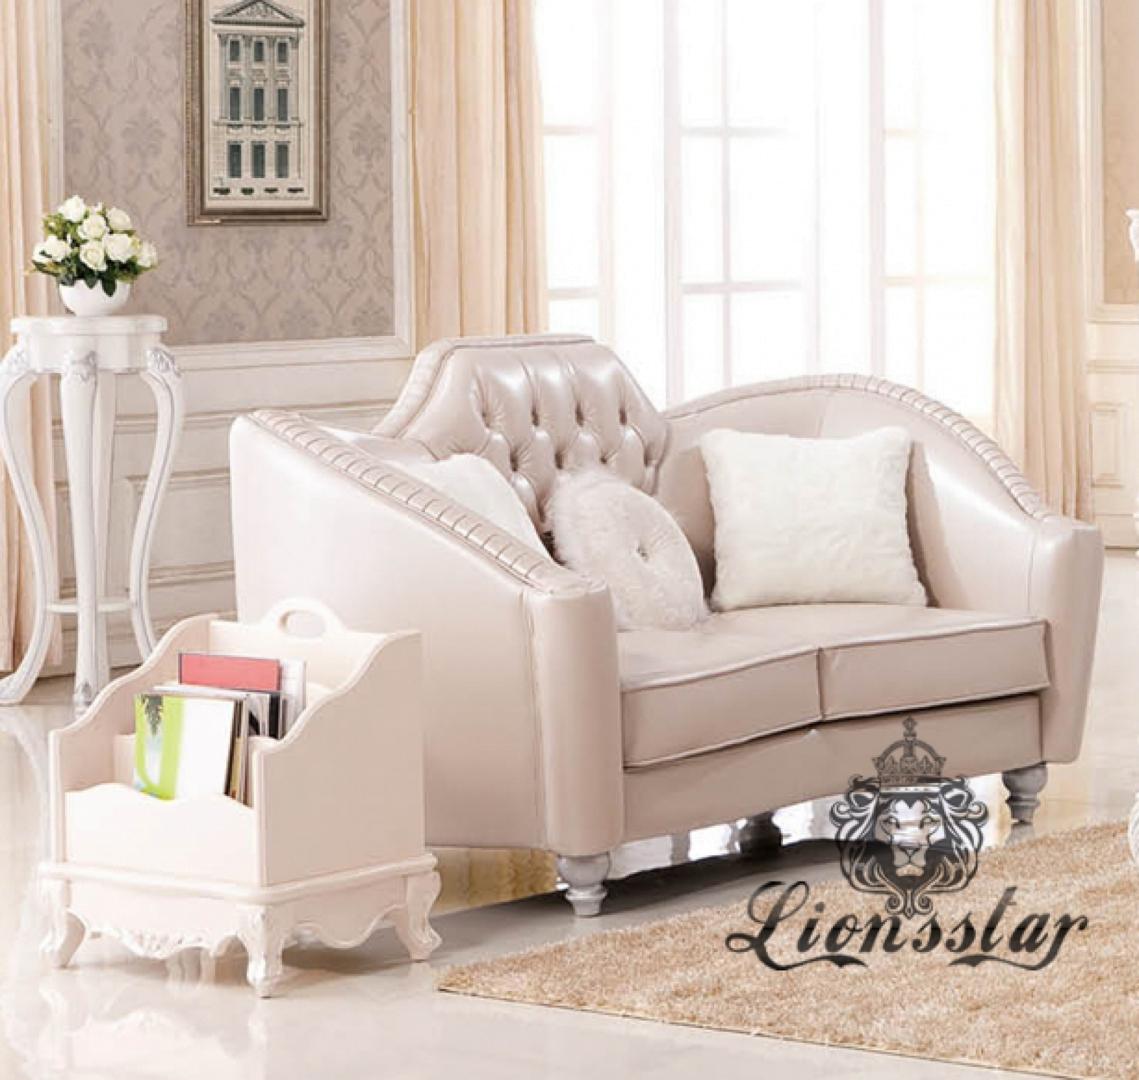 Sofaset Weiß Leder